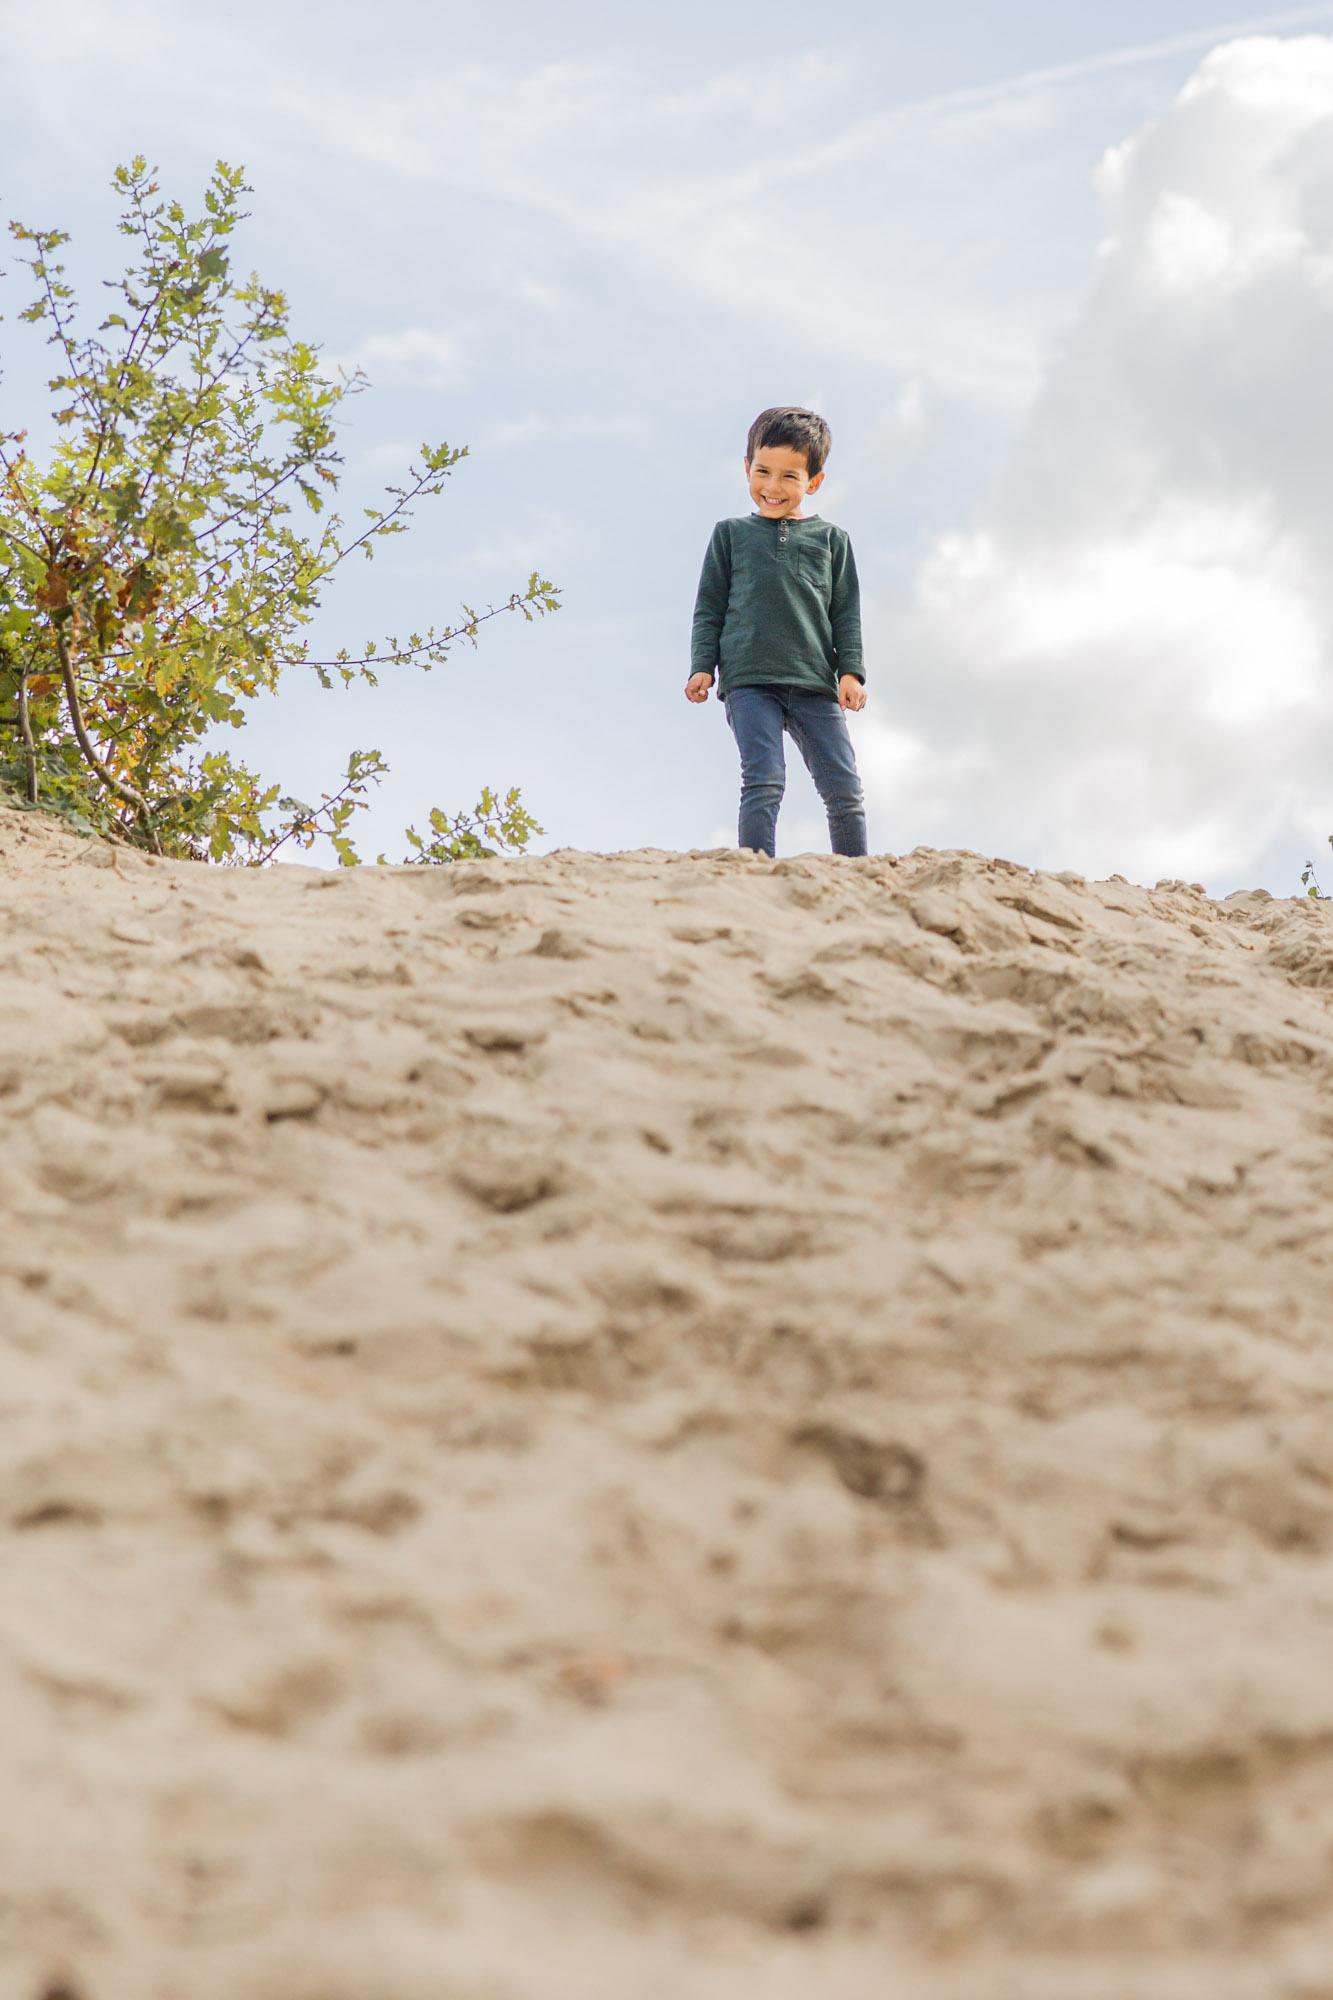 kinderportret van lachend jongetje op zandheuvel door MayraFotografie